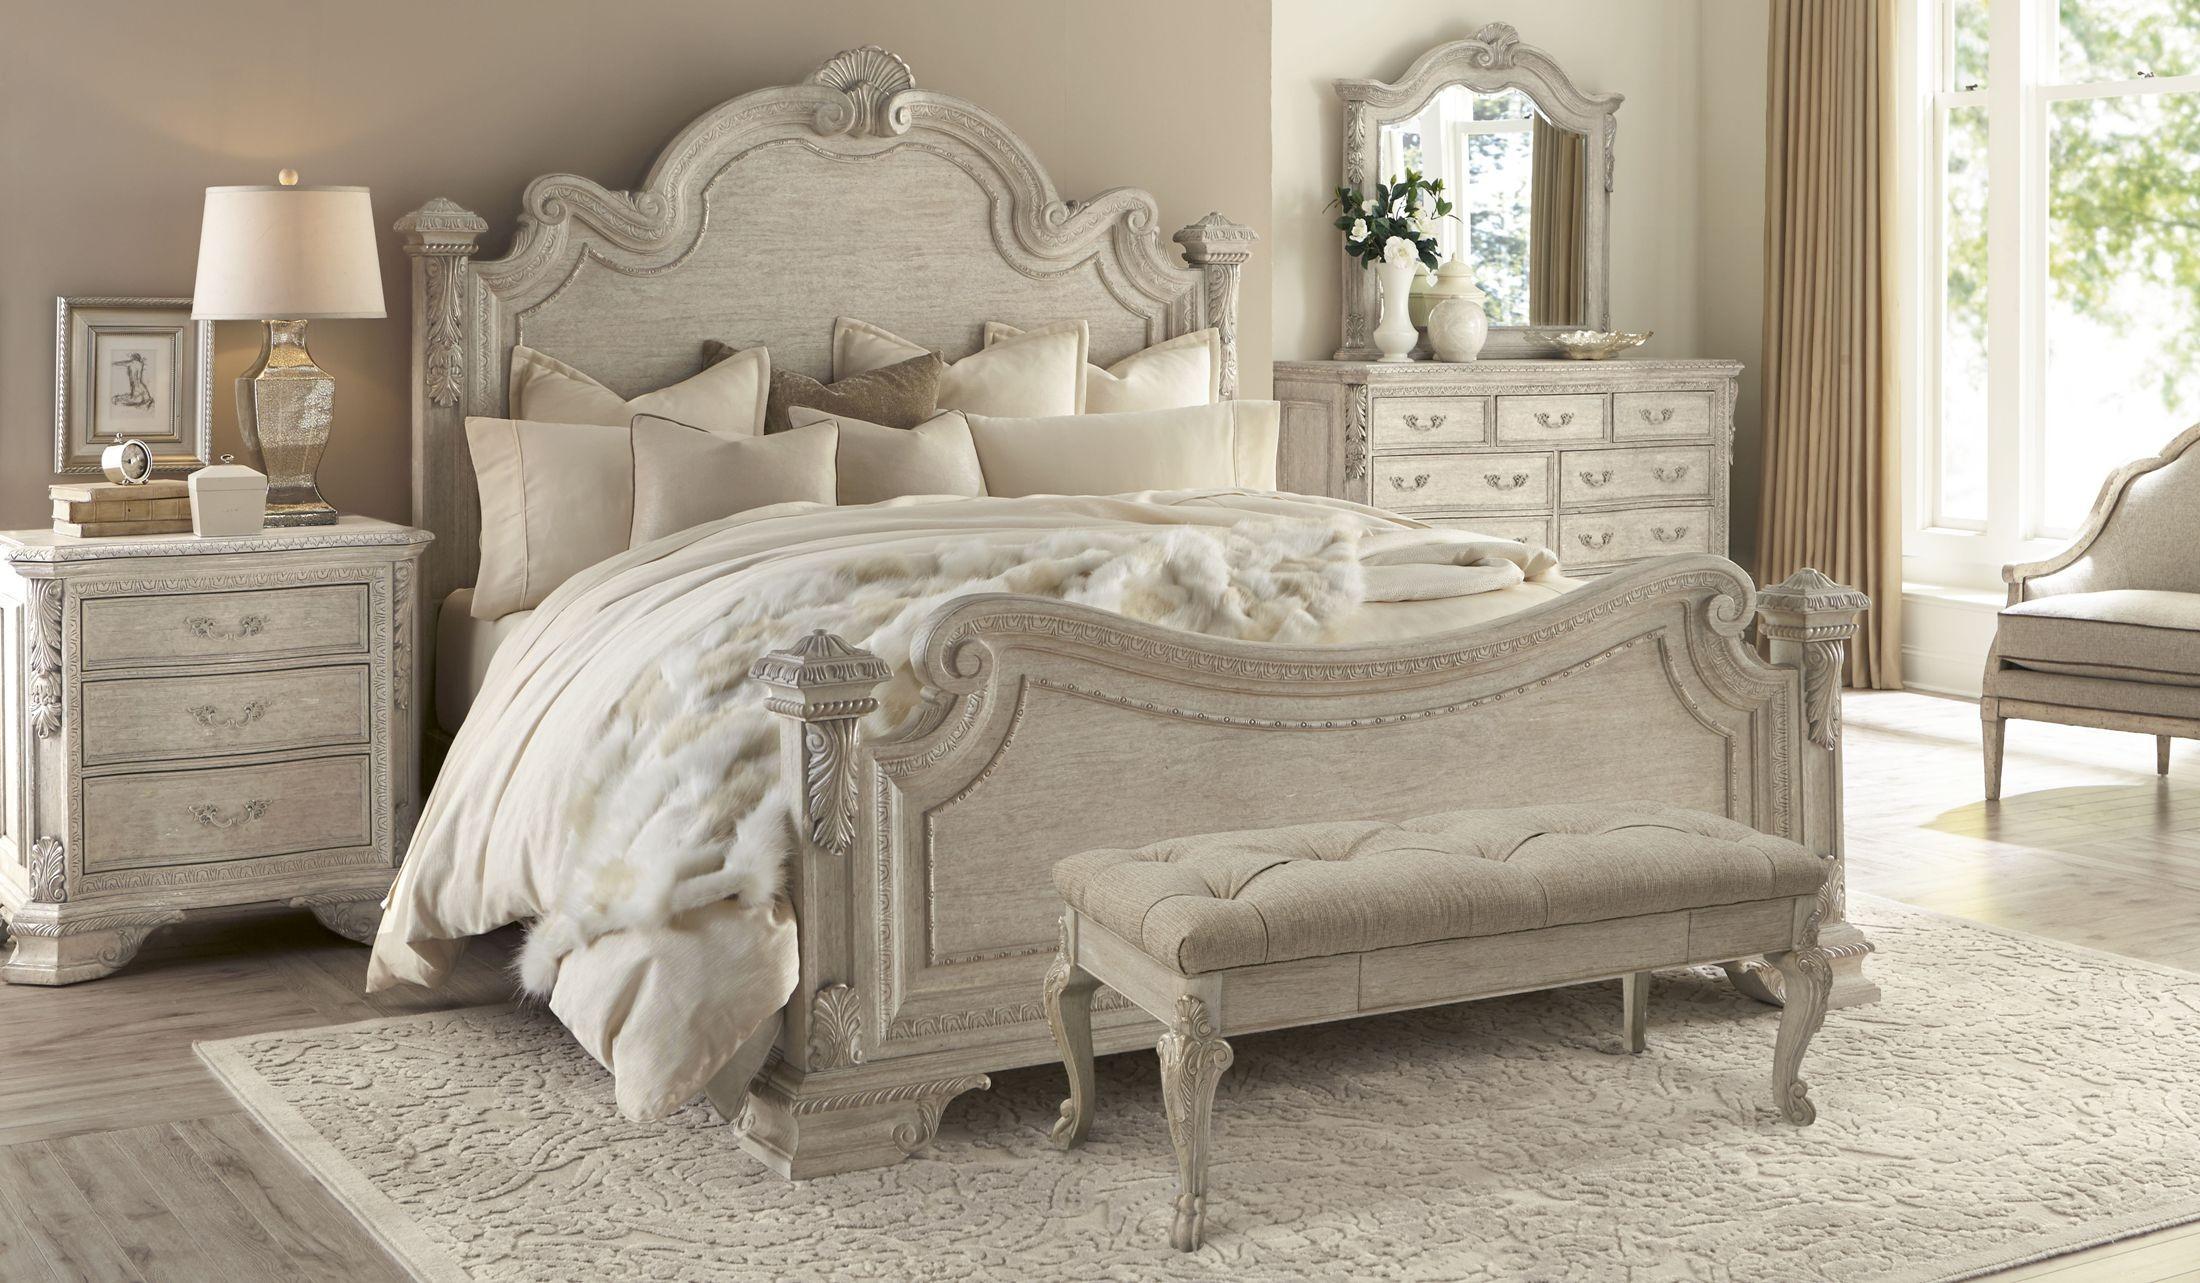 Renaissance dove grey estate bedroom set from art 243155 - King size bedroom sets for sale by owner ...